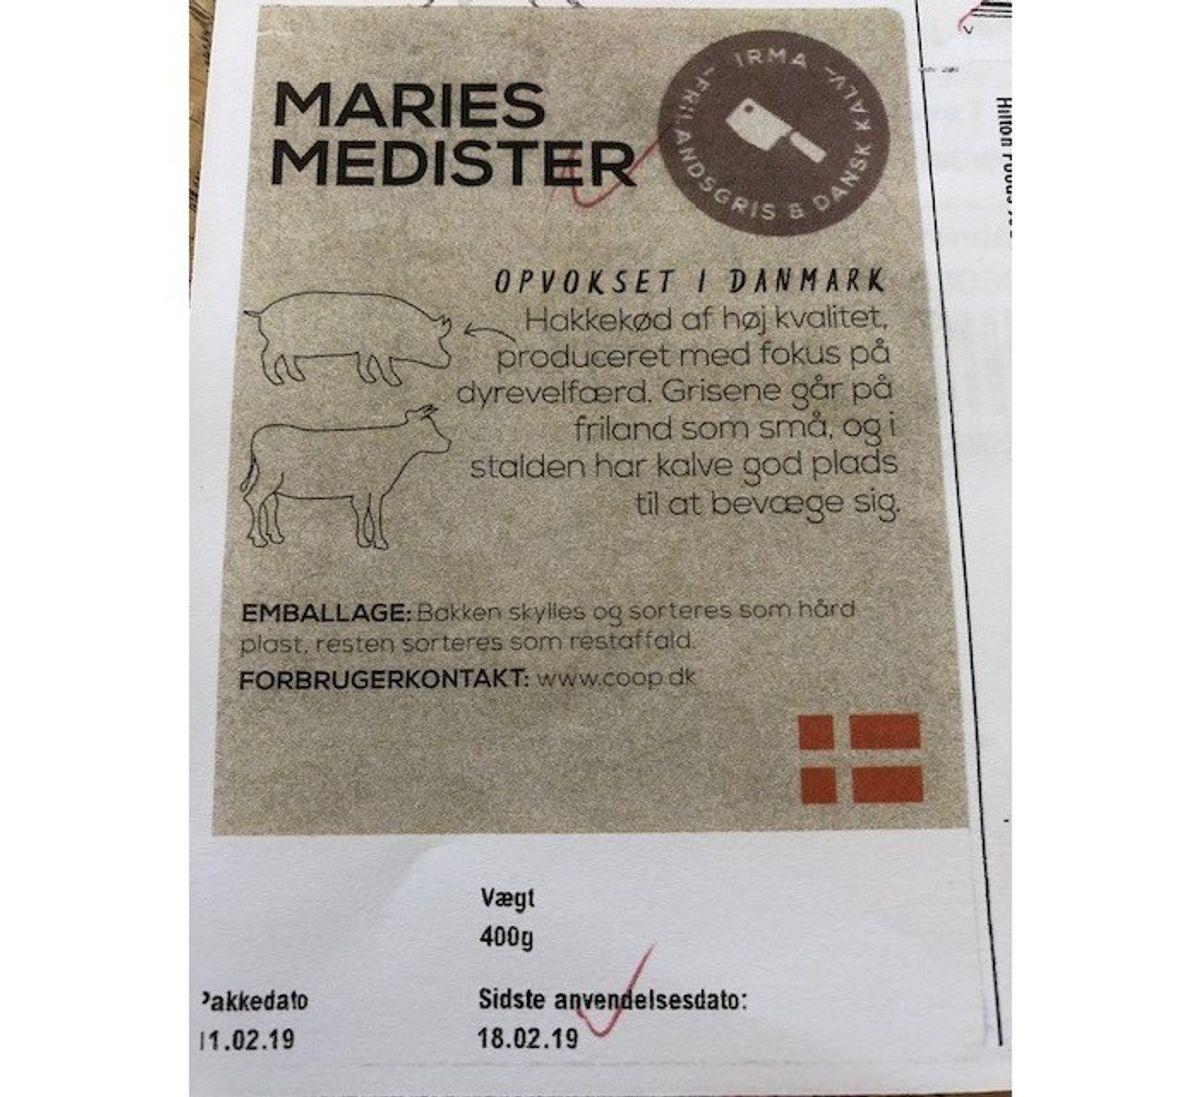 """Problem: Salmonella i medisterpølse Hvilken fødevare: """"Maries medister"""" (se billede) Nettovægt: 400 gr Produktionsdato: 11/02/2019 Sidste anvendelsesdato: 18/02/2019 EAN-nr.:5700381040811 Solgt i: Irma-butikker Via hjemmesiden: coop.dk (Foto: Fødevarestyrelsen)"""